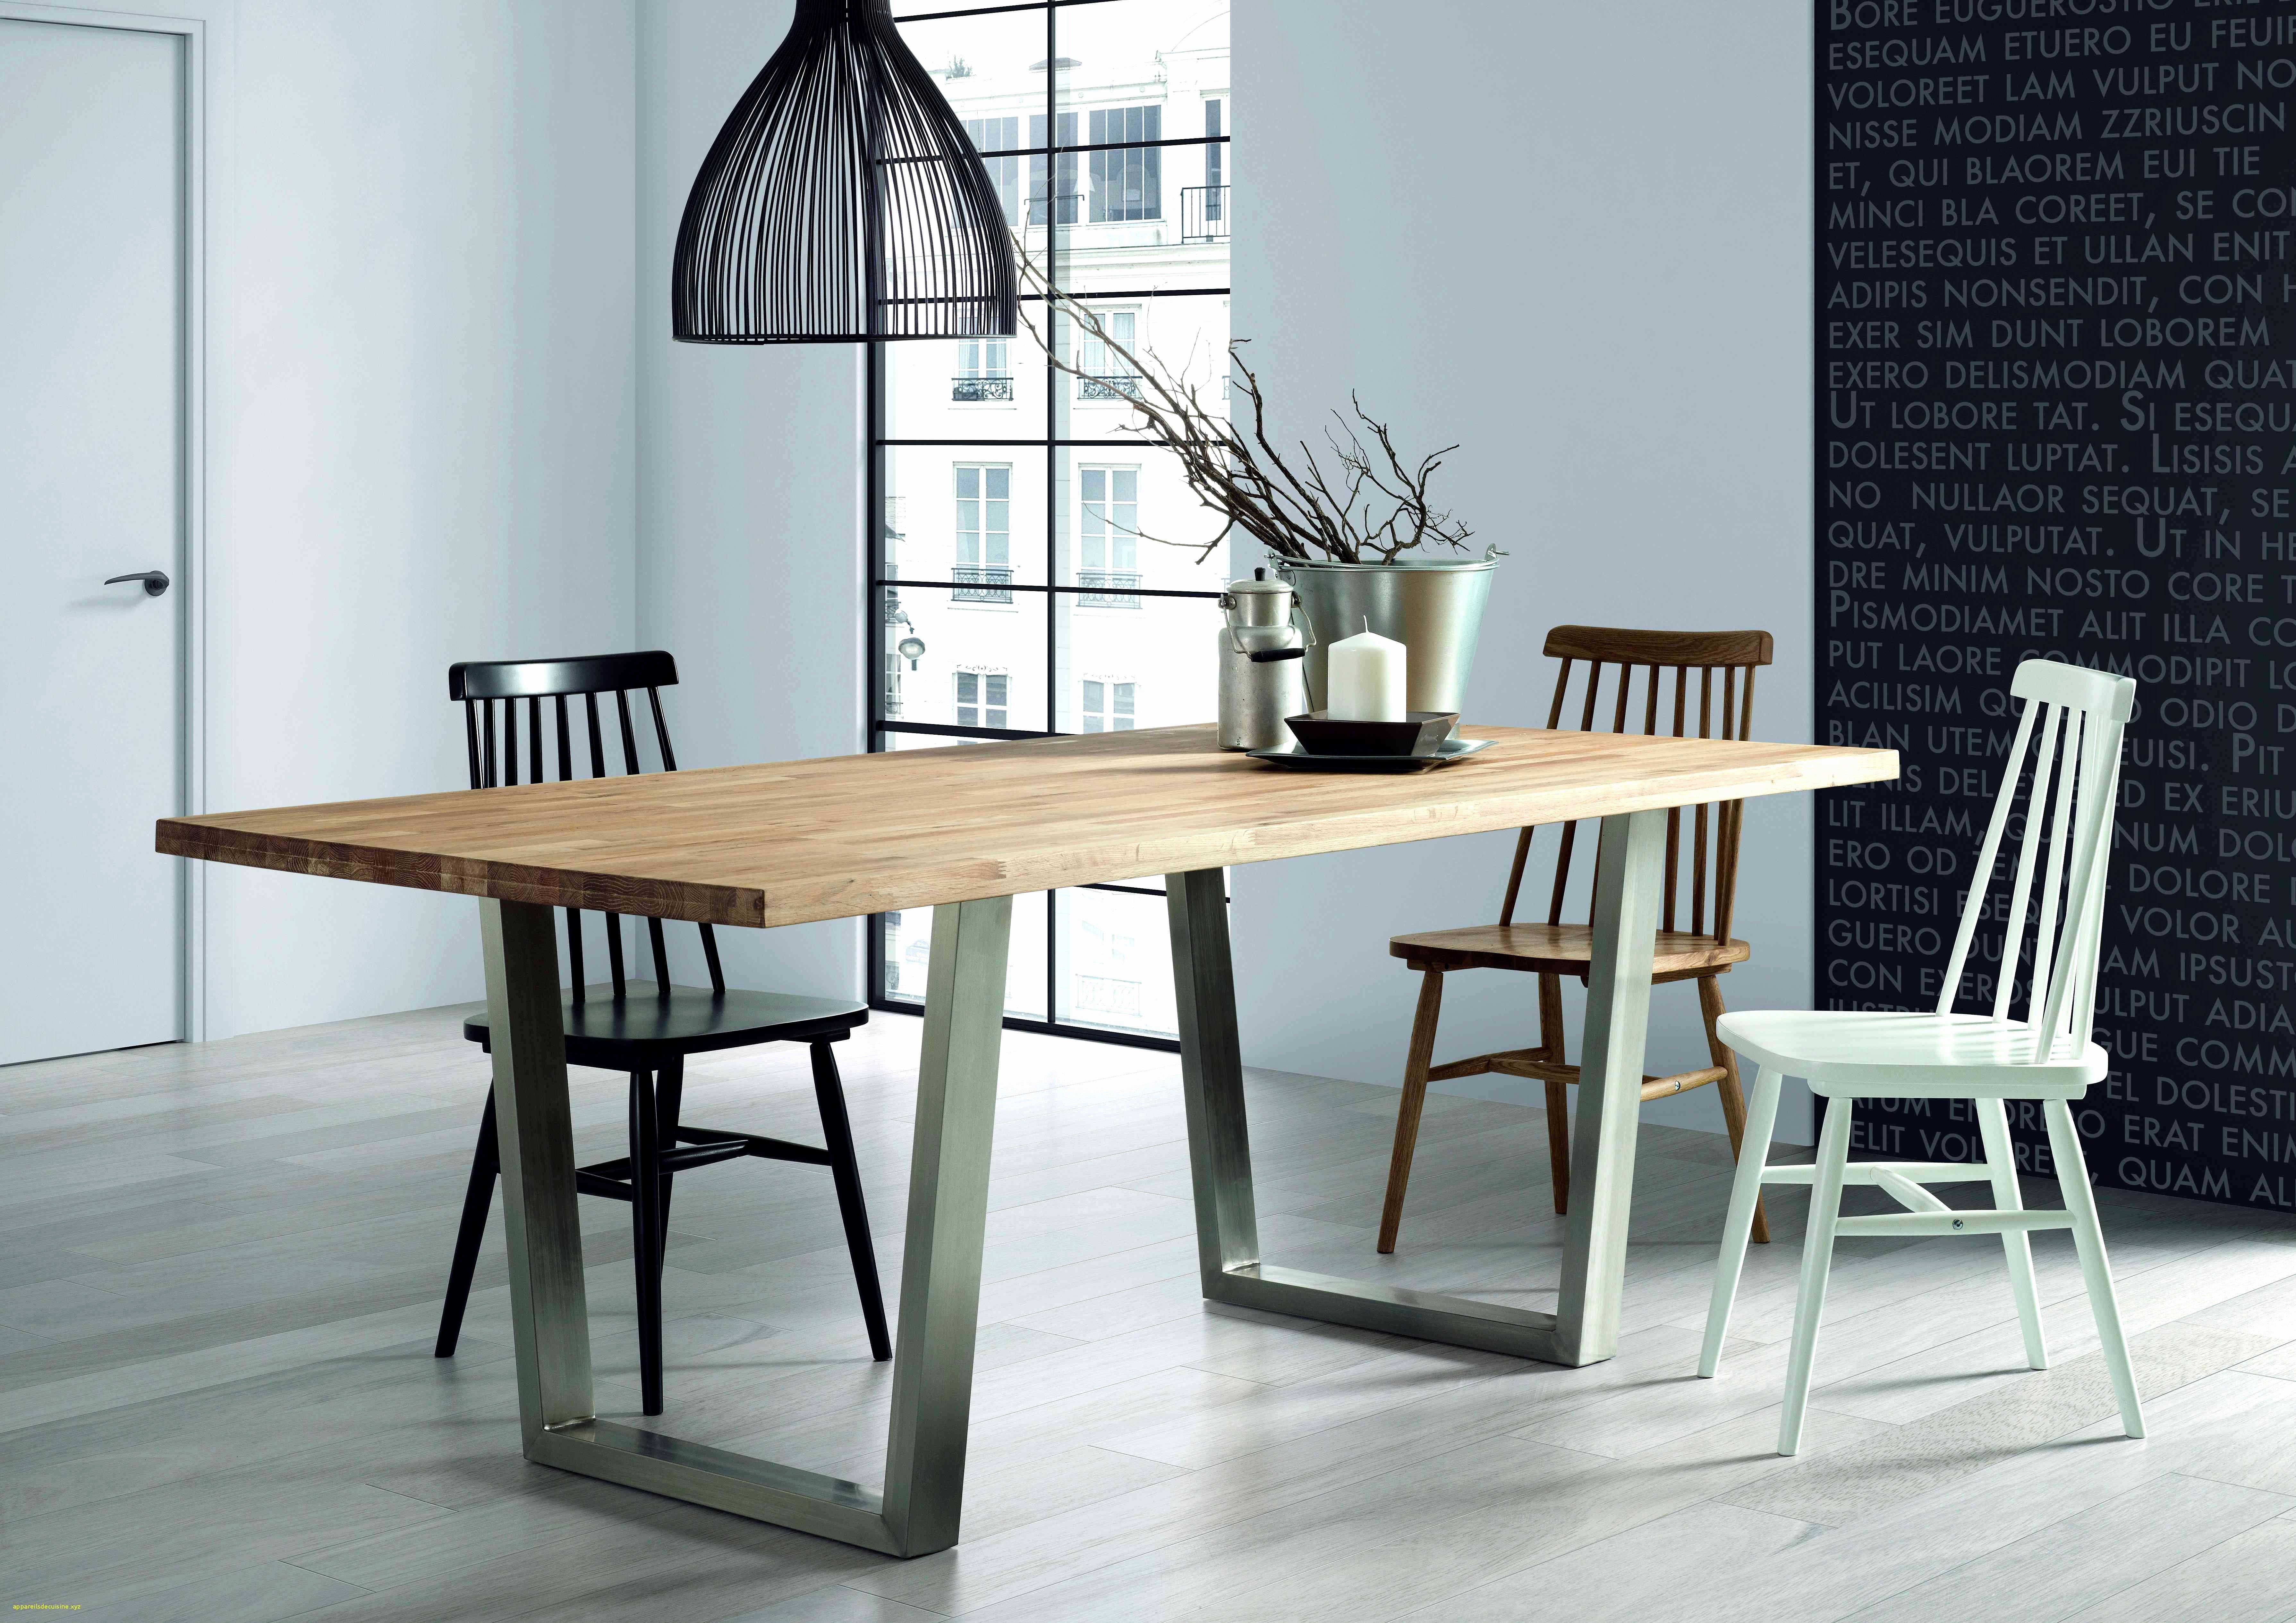 Lit 2 Places Le Luxe Fauteuil Design Ikea Délicieuse S Fauteuil Lit 2 Places